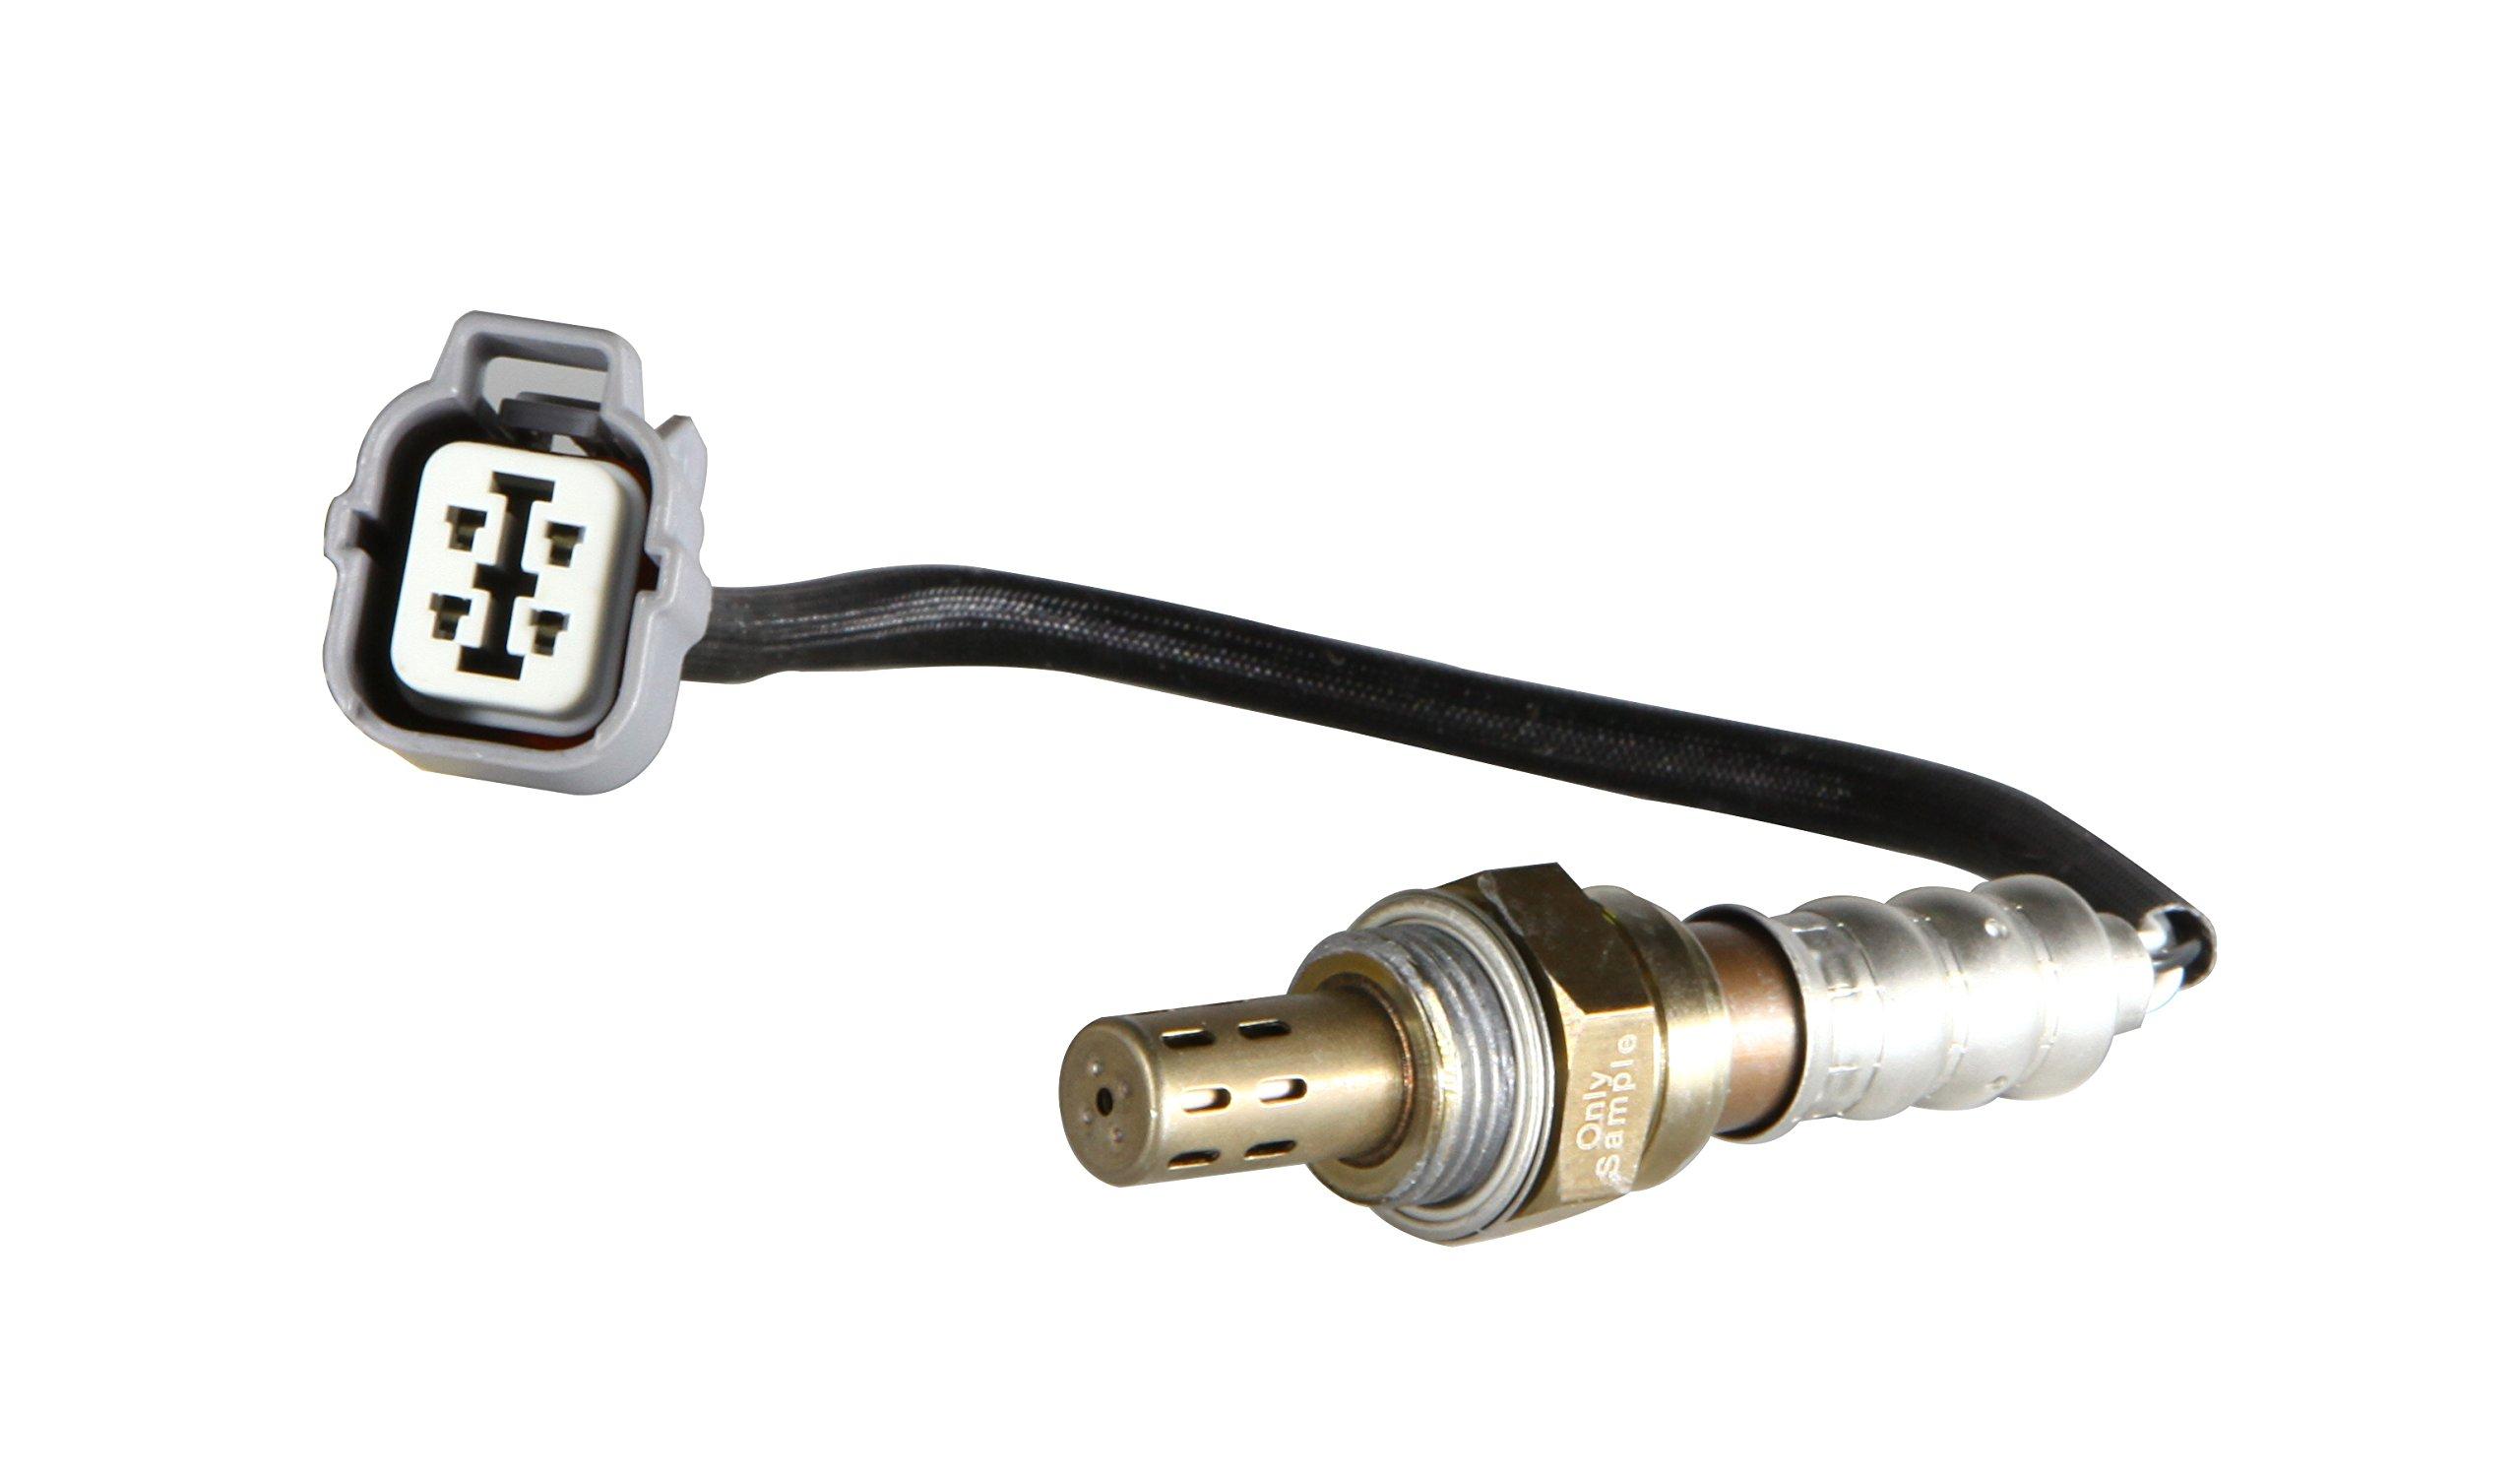 THEBIGDEALS T3075 X 234-4620 oxygen sensor Upstream Sensor 1 for 1994-1997 Honda Accord 2.2L Engine: F22B2 1998-2002 Honda Accord 2.3L; 2000-2001 Honda Insight 1.0L